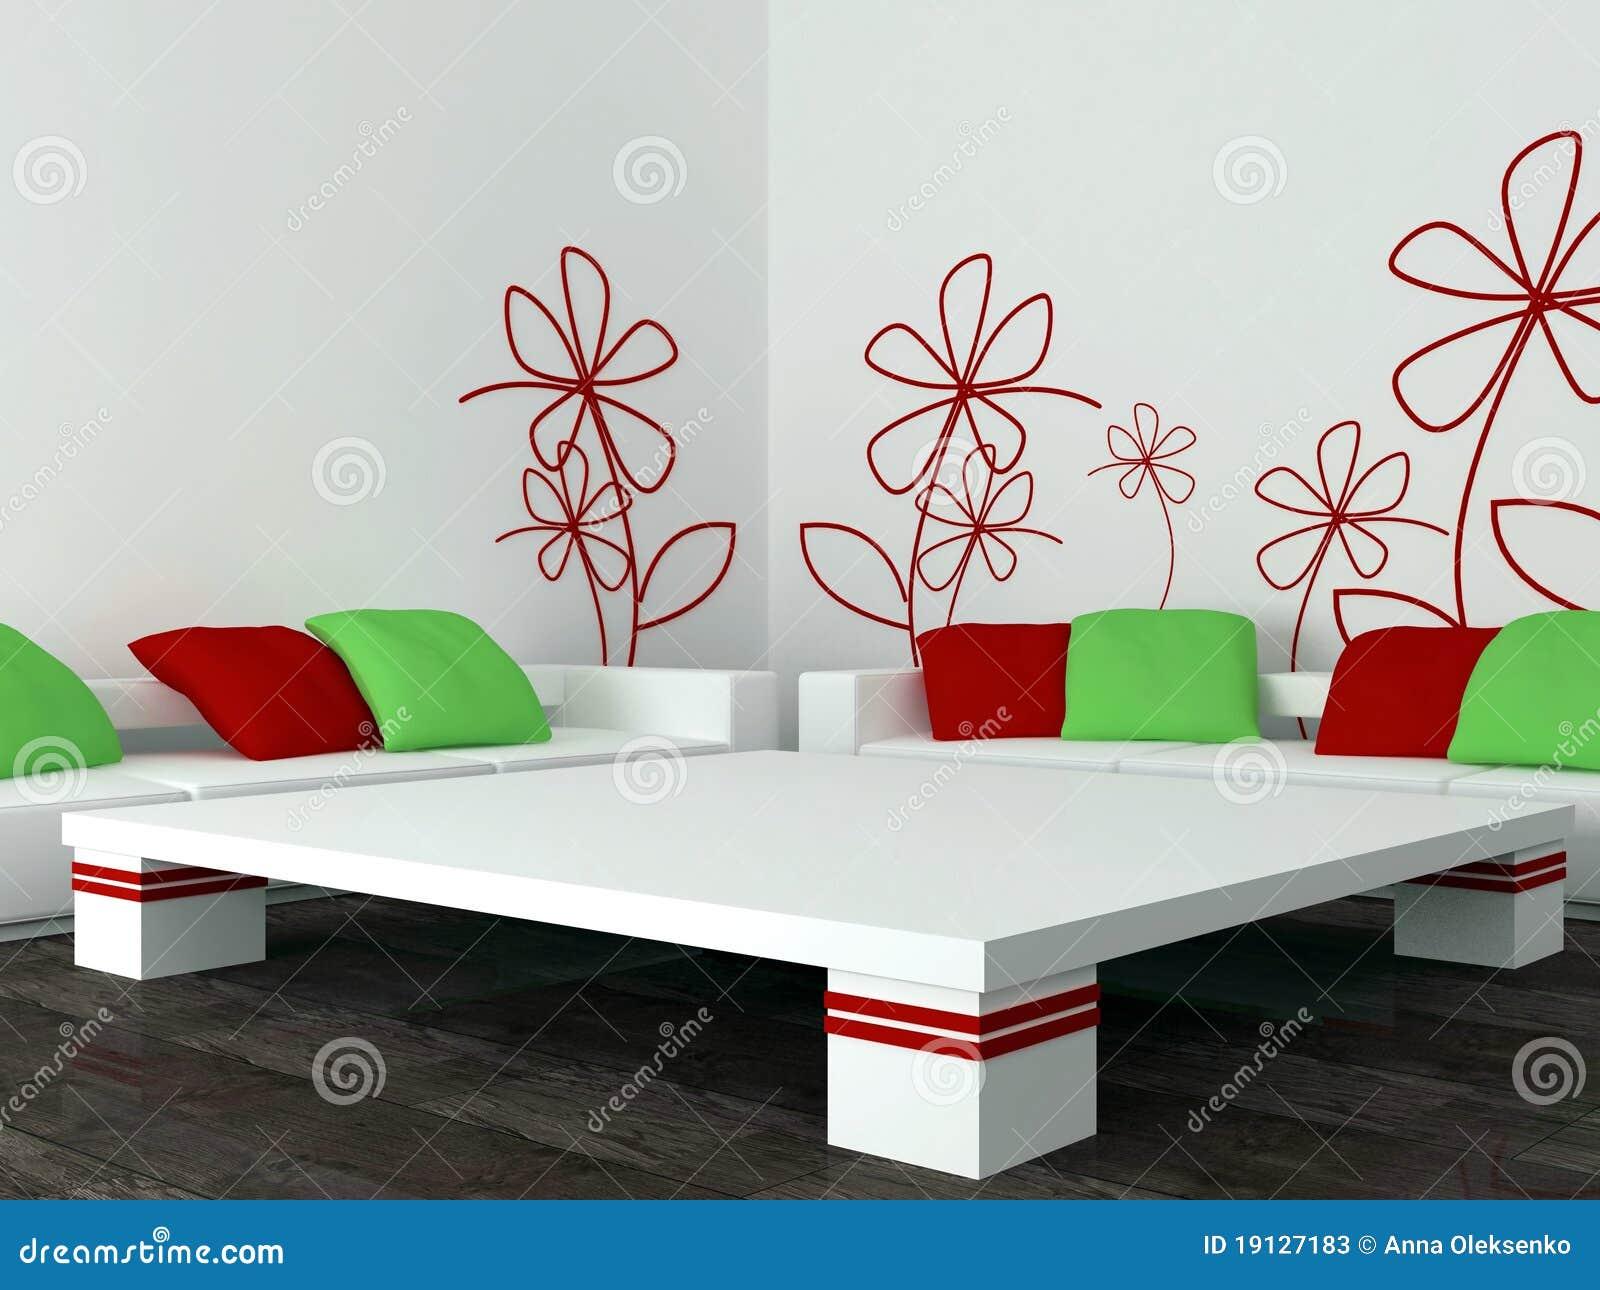 Disegno interno del salone moderno salotto illustrazione for Disegno interno casa